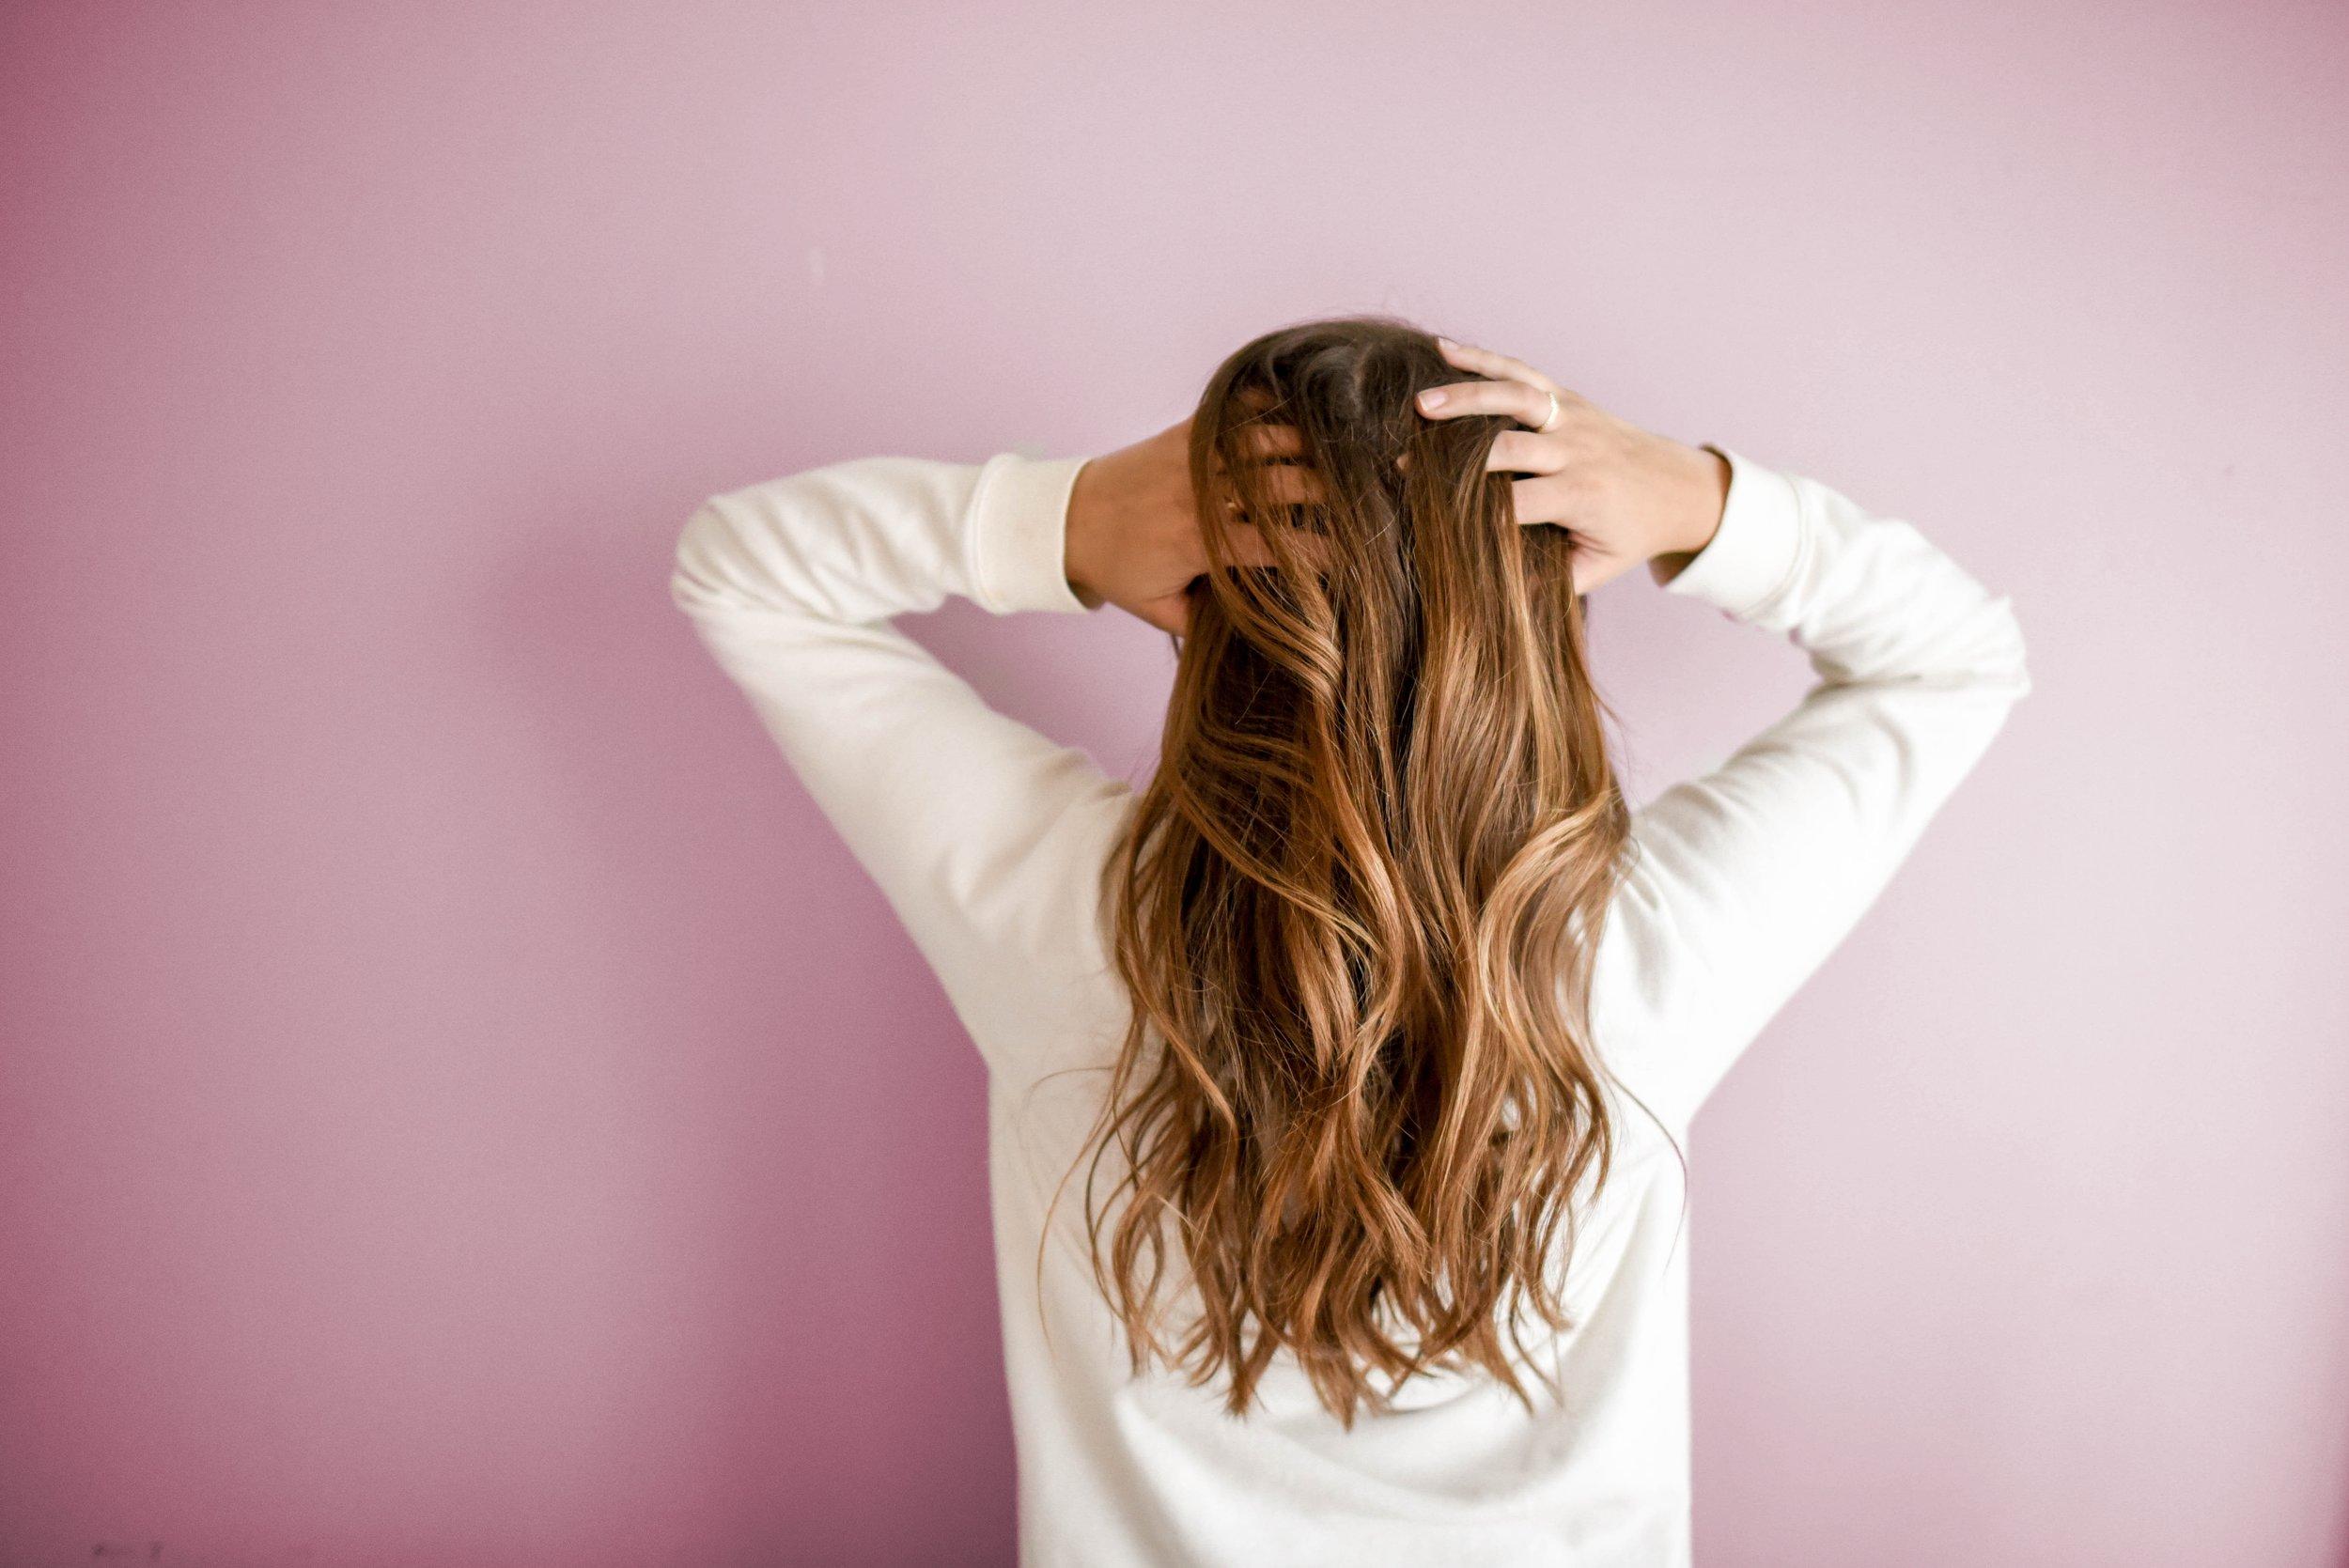 Ingleburn_Village_Hair_Dresser.jpg